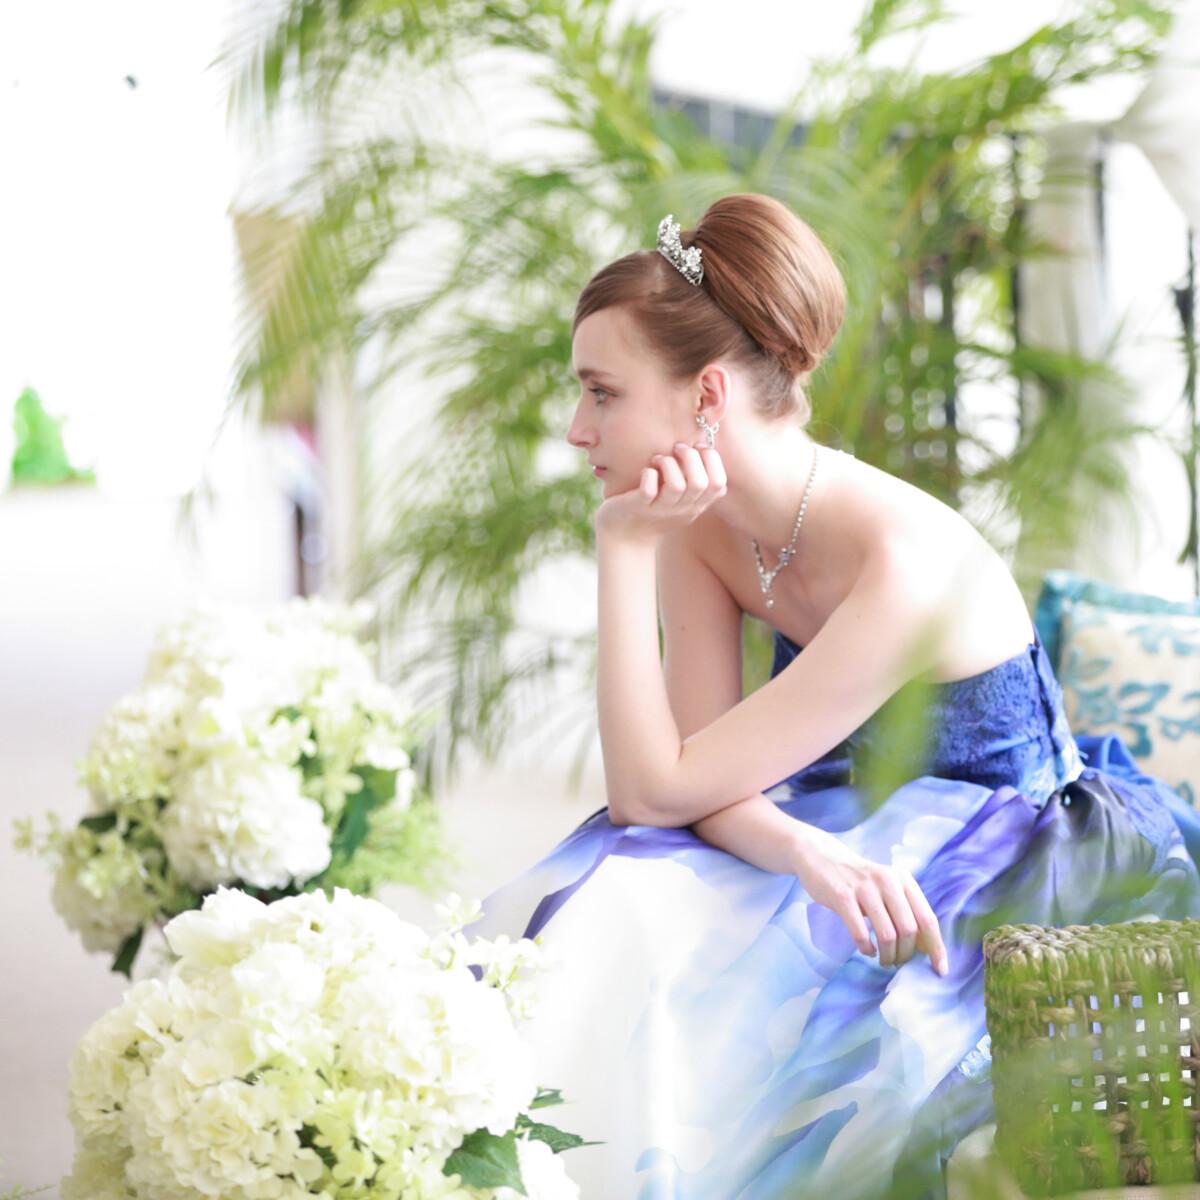 【★★新しい生活様式対応★★】LIVE配信付き WEDDING挙式+会食プラン発表